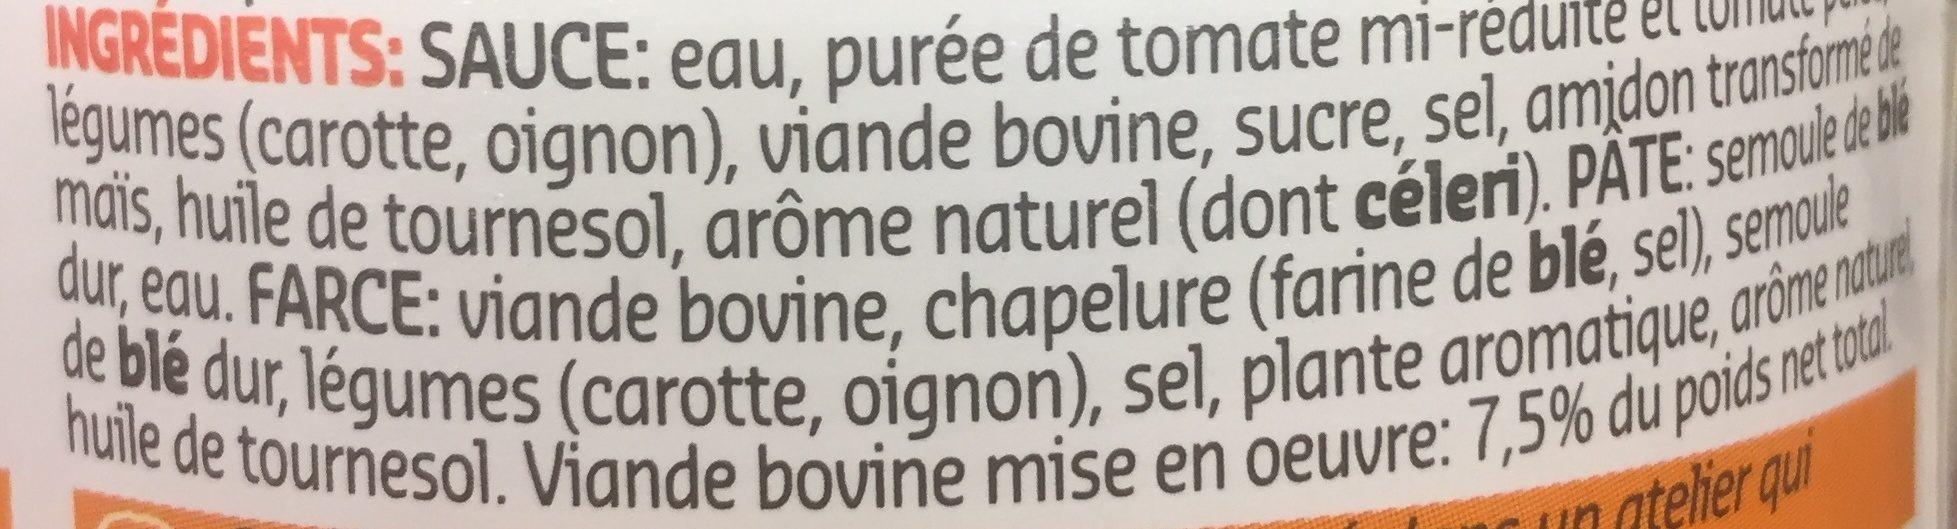 Ravioli Pur Boeuf - Ingrediënten - fr